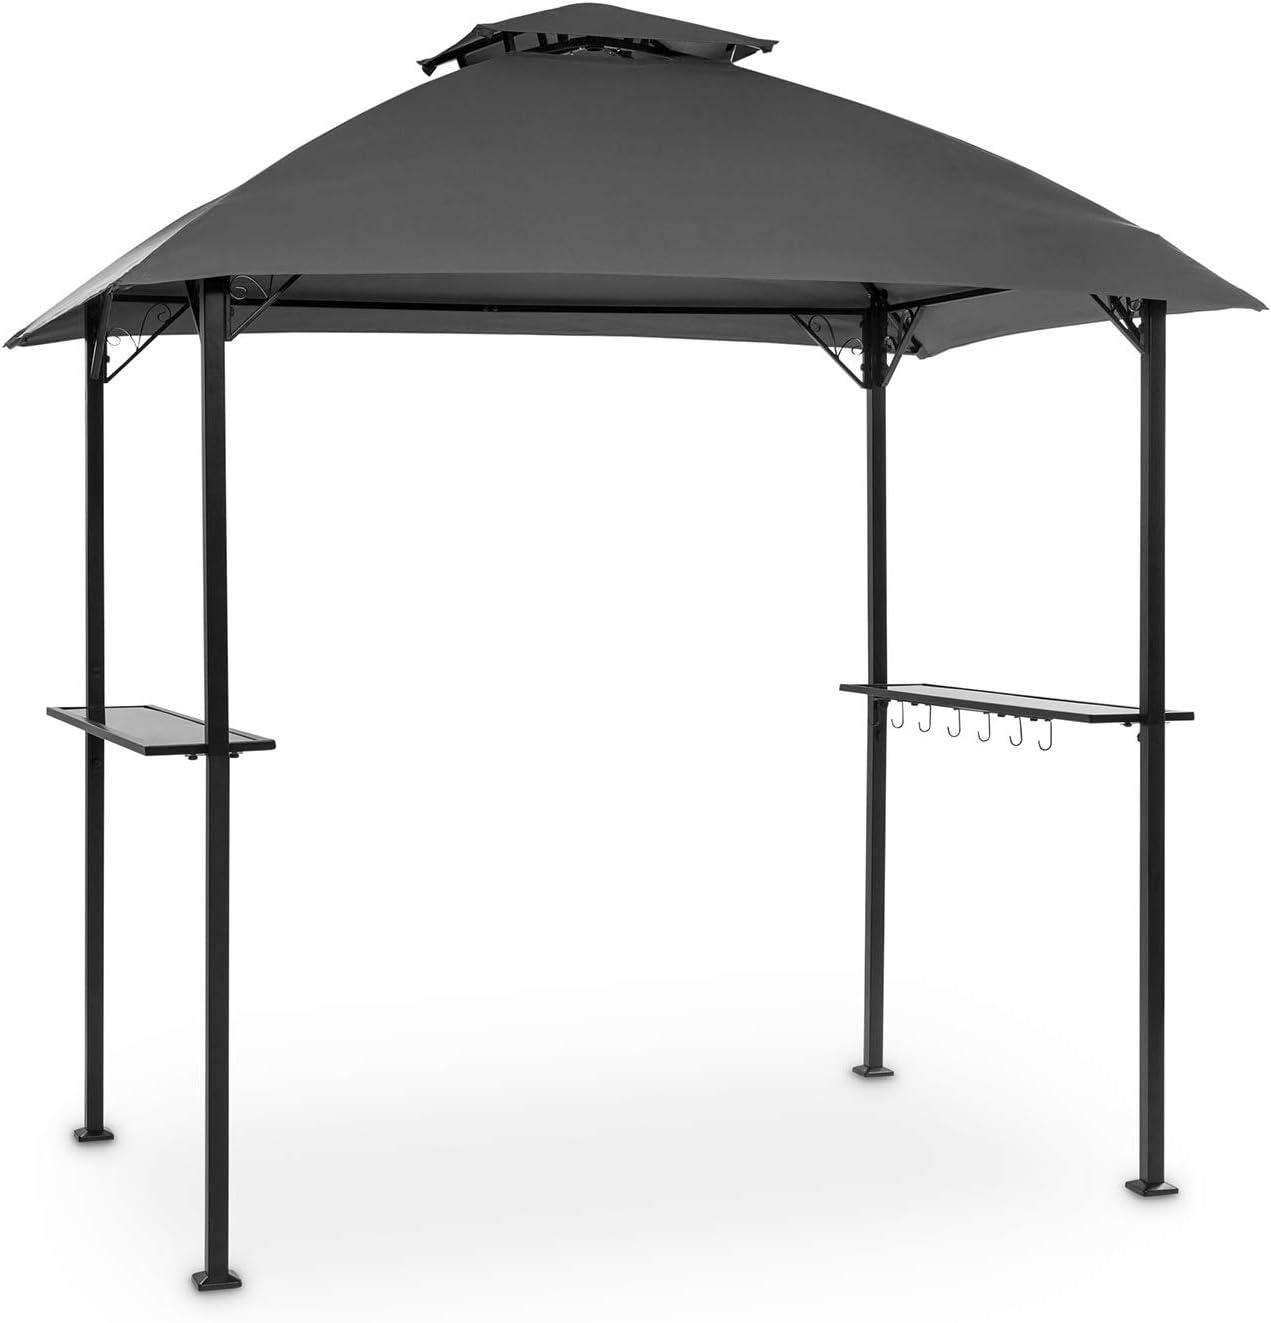 Blumfeldt Steakhouse al Sur pabellón – techo para barbacoas, 244 x 260 x 152 cm, para la lluvia y del sol, poliéster de 160 g impemeable y retarda la ignición, postes de 4 x 4 cm de acero, gris oscuro